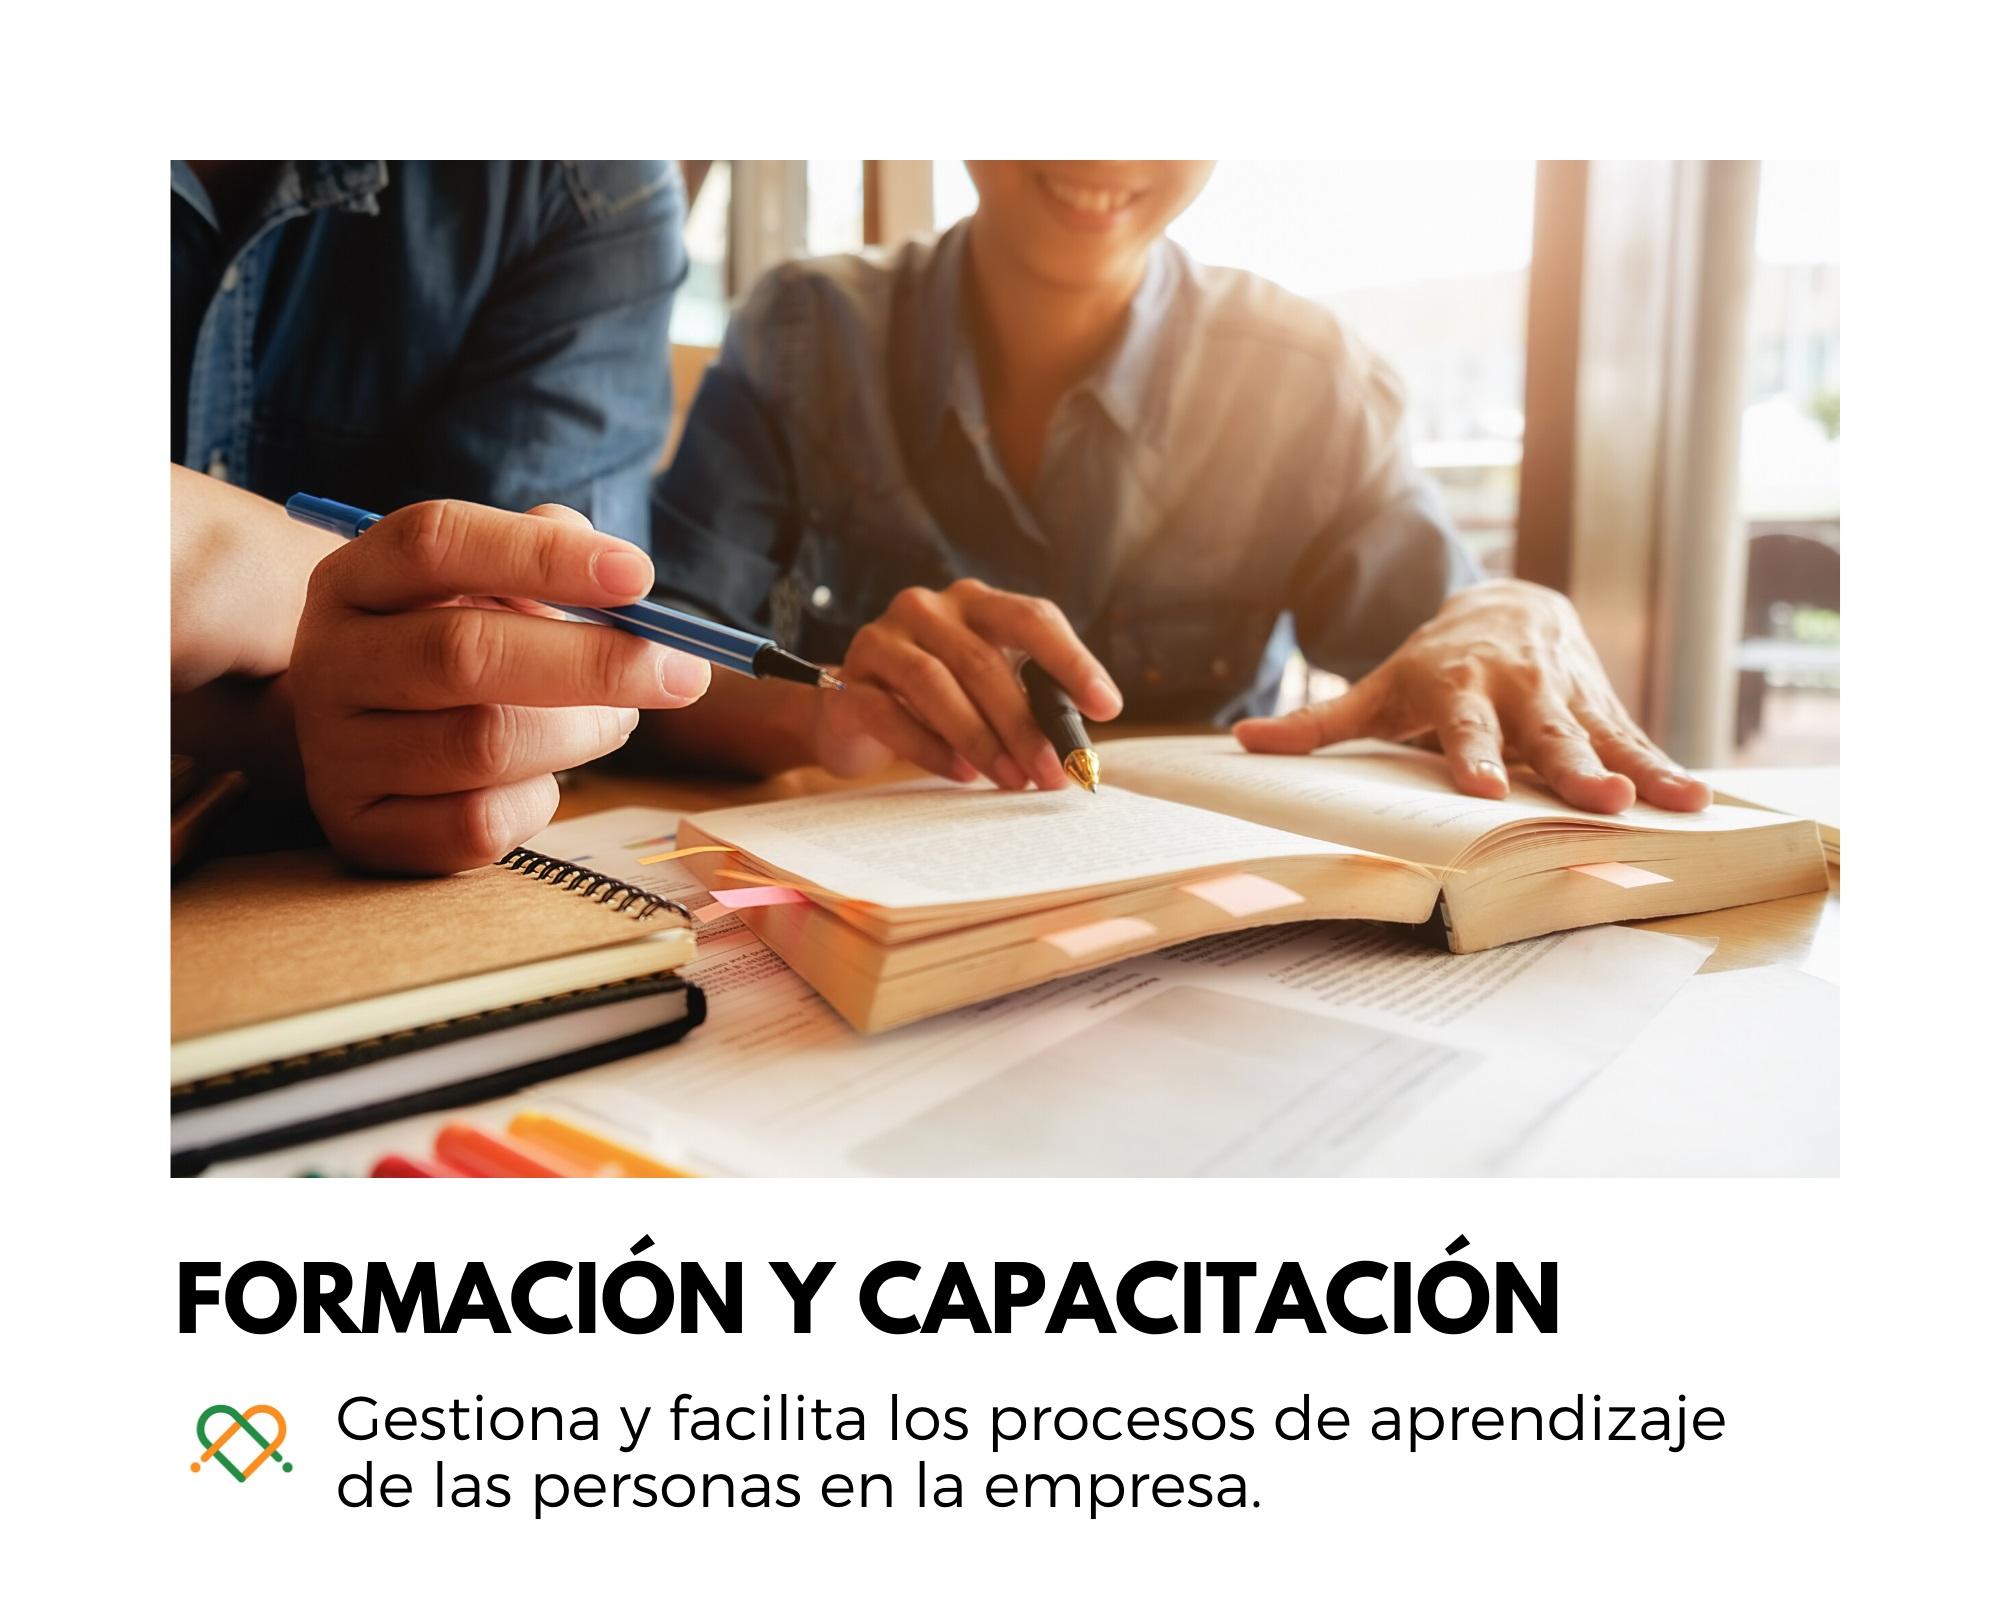 Gestiona y facilita los procesos de aprendizaje de las personas en la empresa.